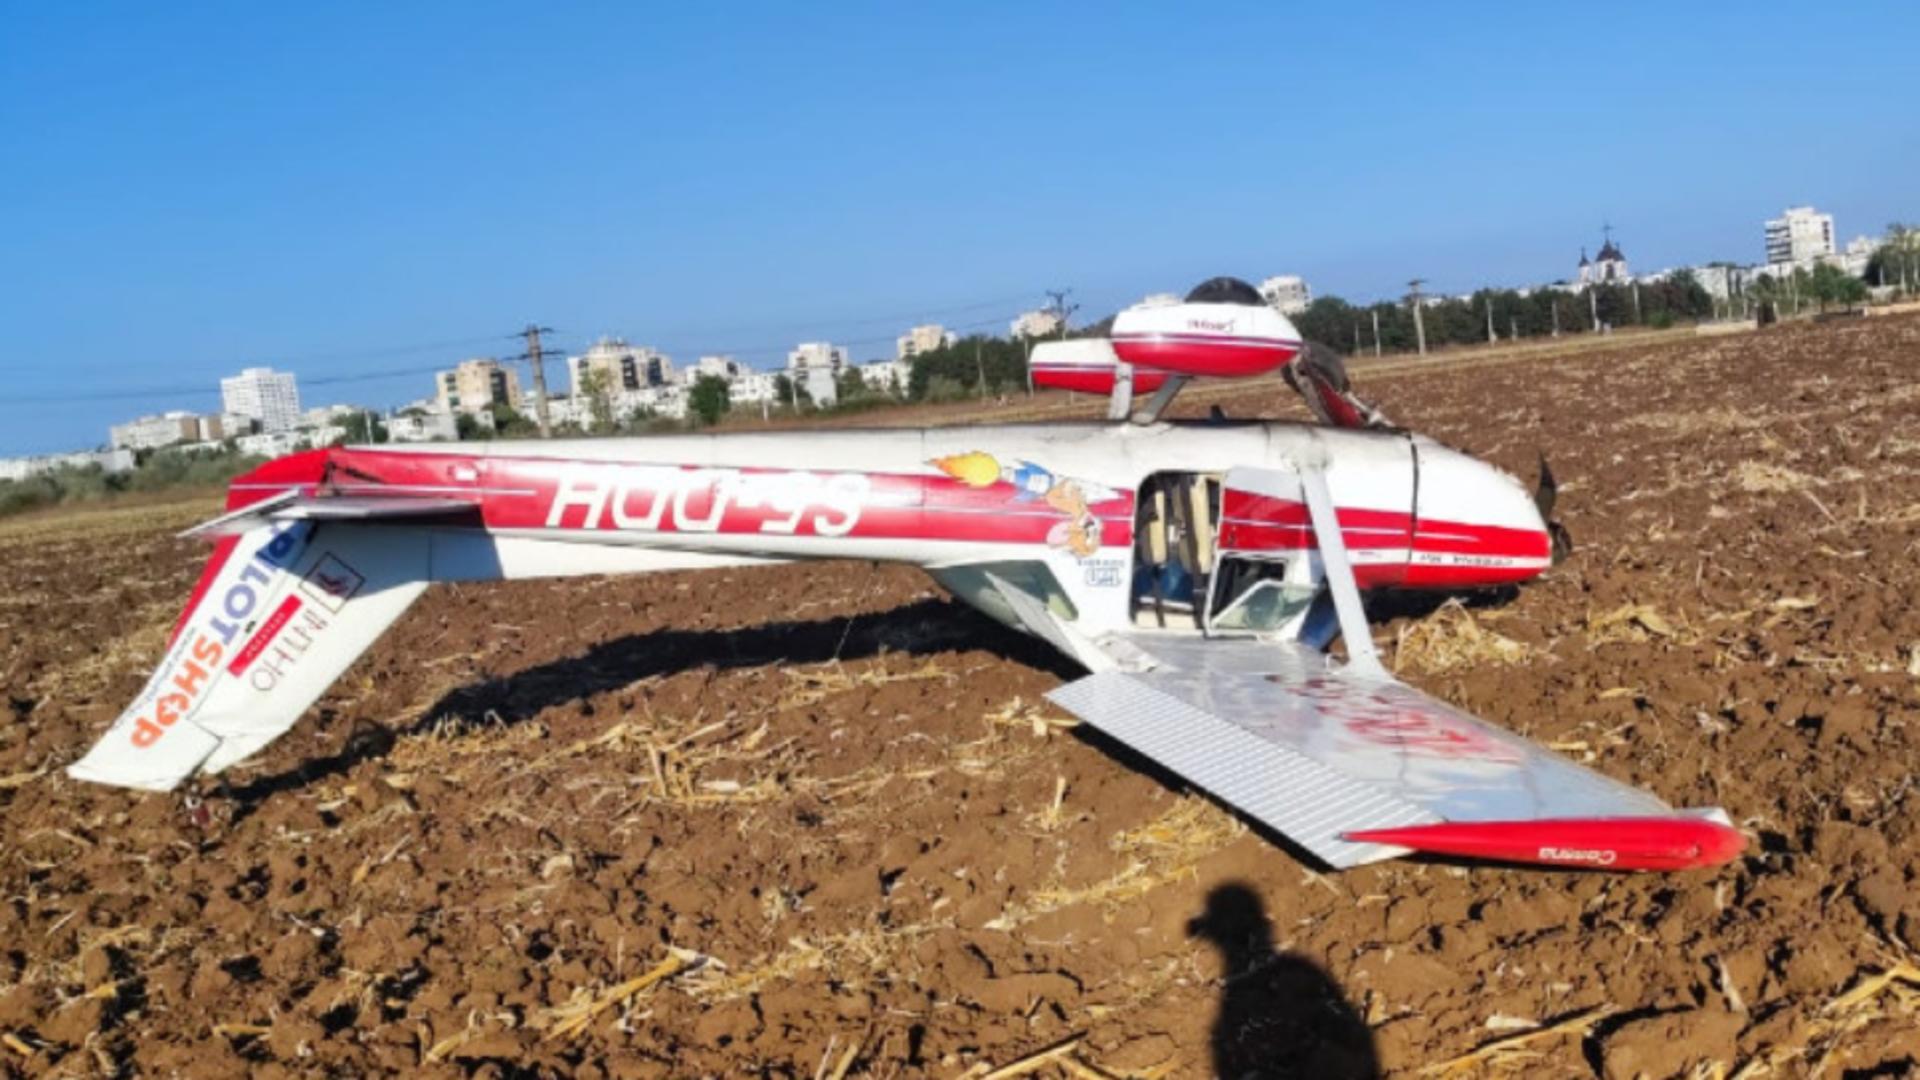 Incident aviatic: aterizare forțată, lângă Ploiești - două victime / Foto: zdp.ro